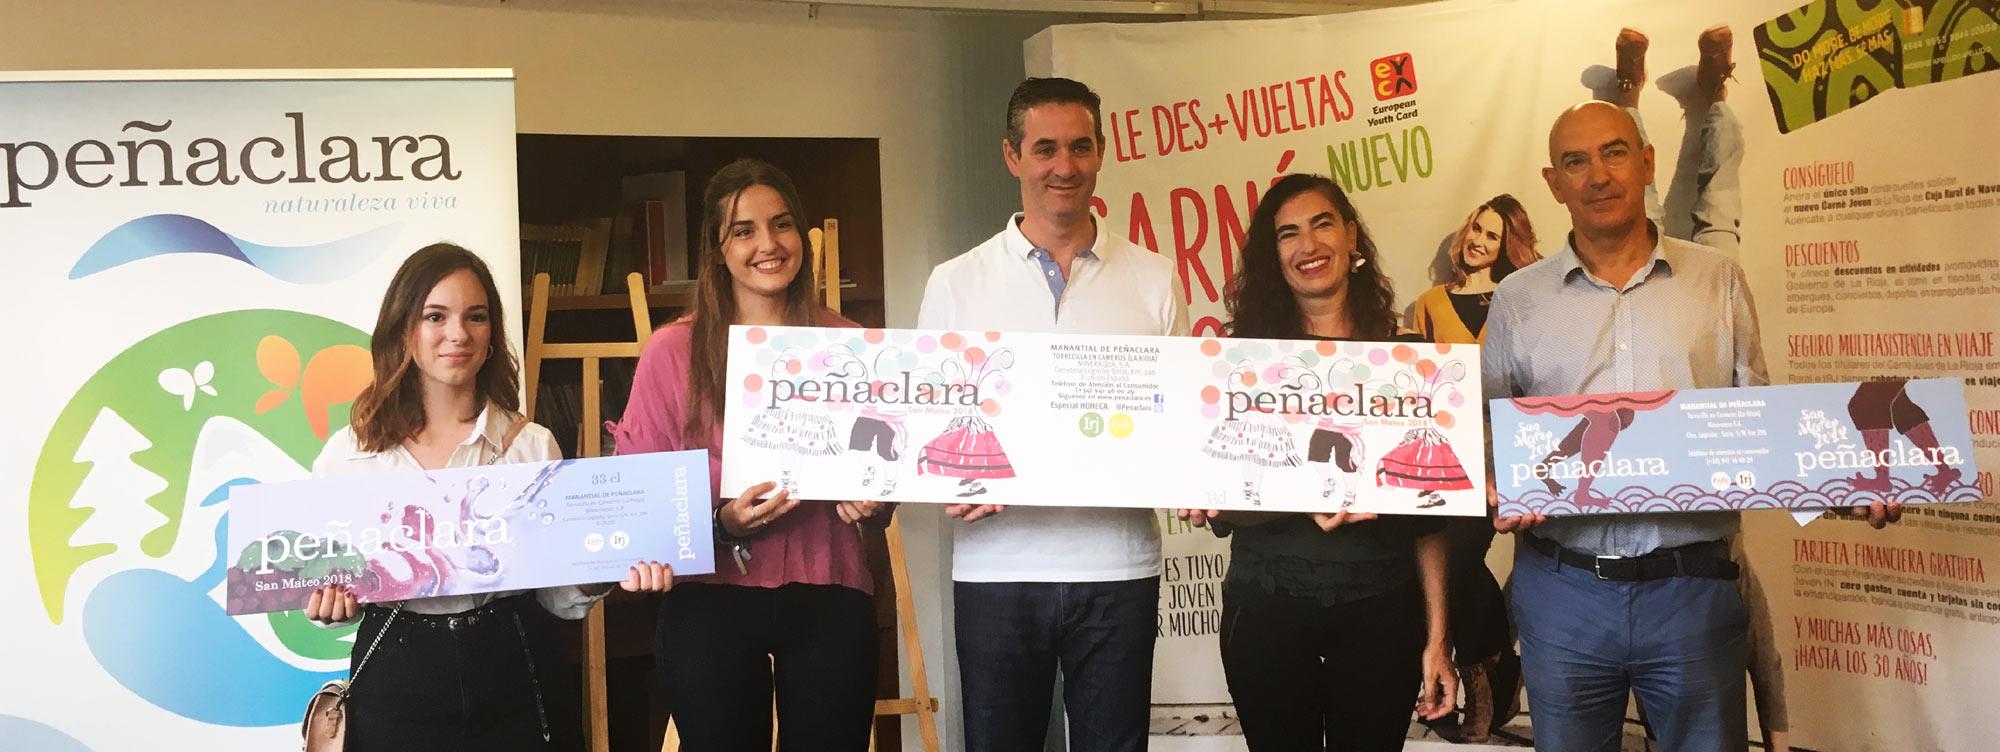 Las alumnas María Mas y Soraya Manso premiadas en el X Concurso de Diseño de Etiquetas de Peñaclara